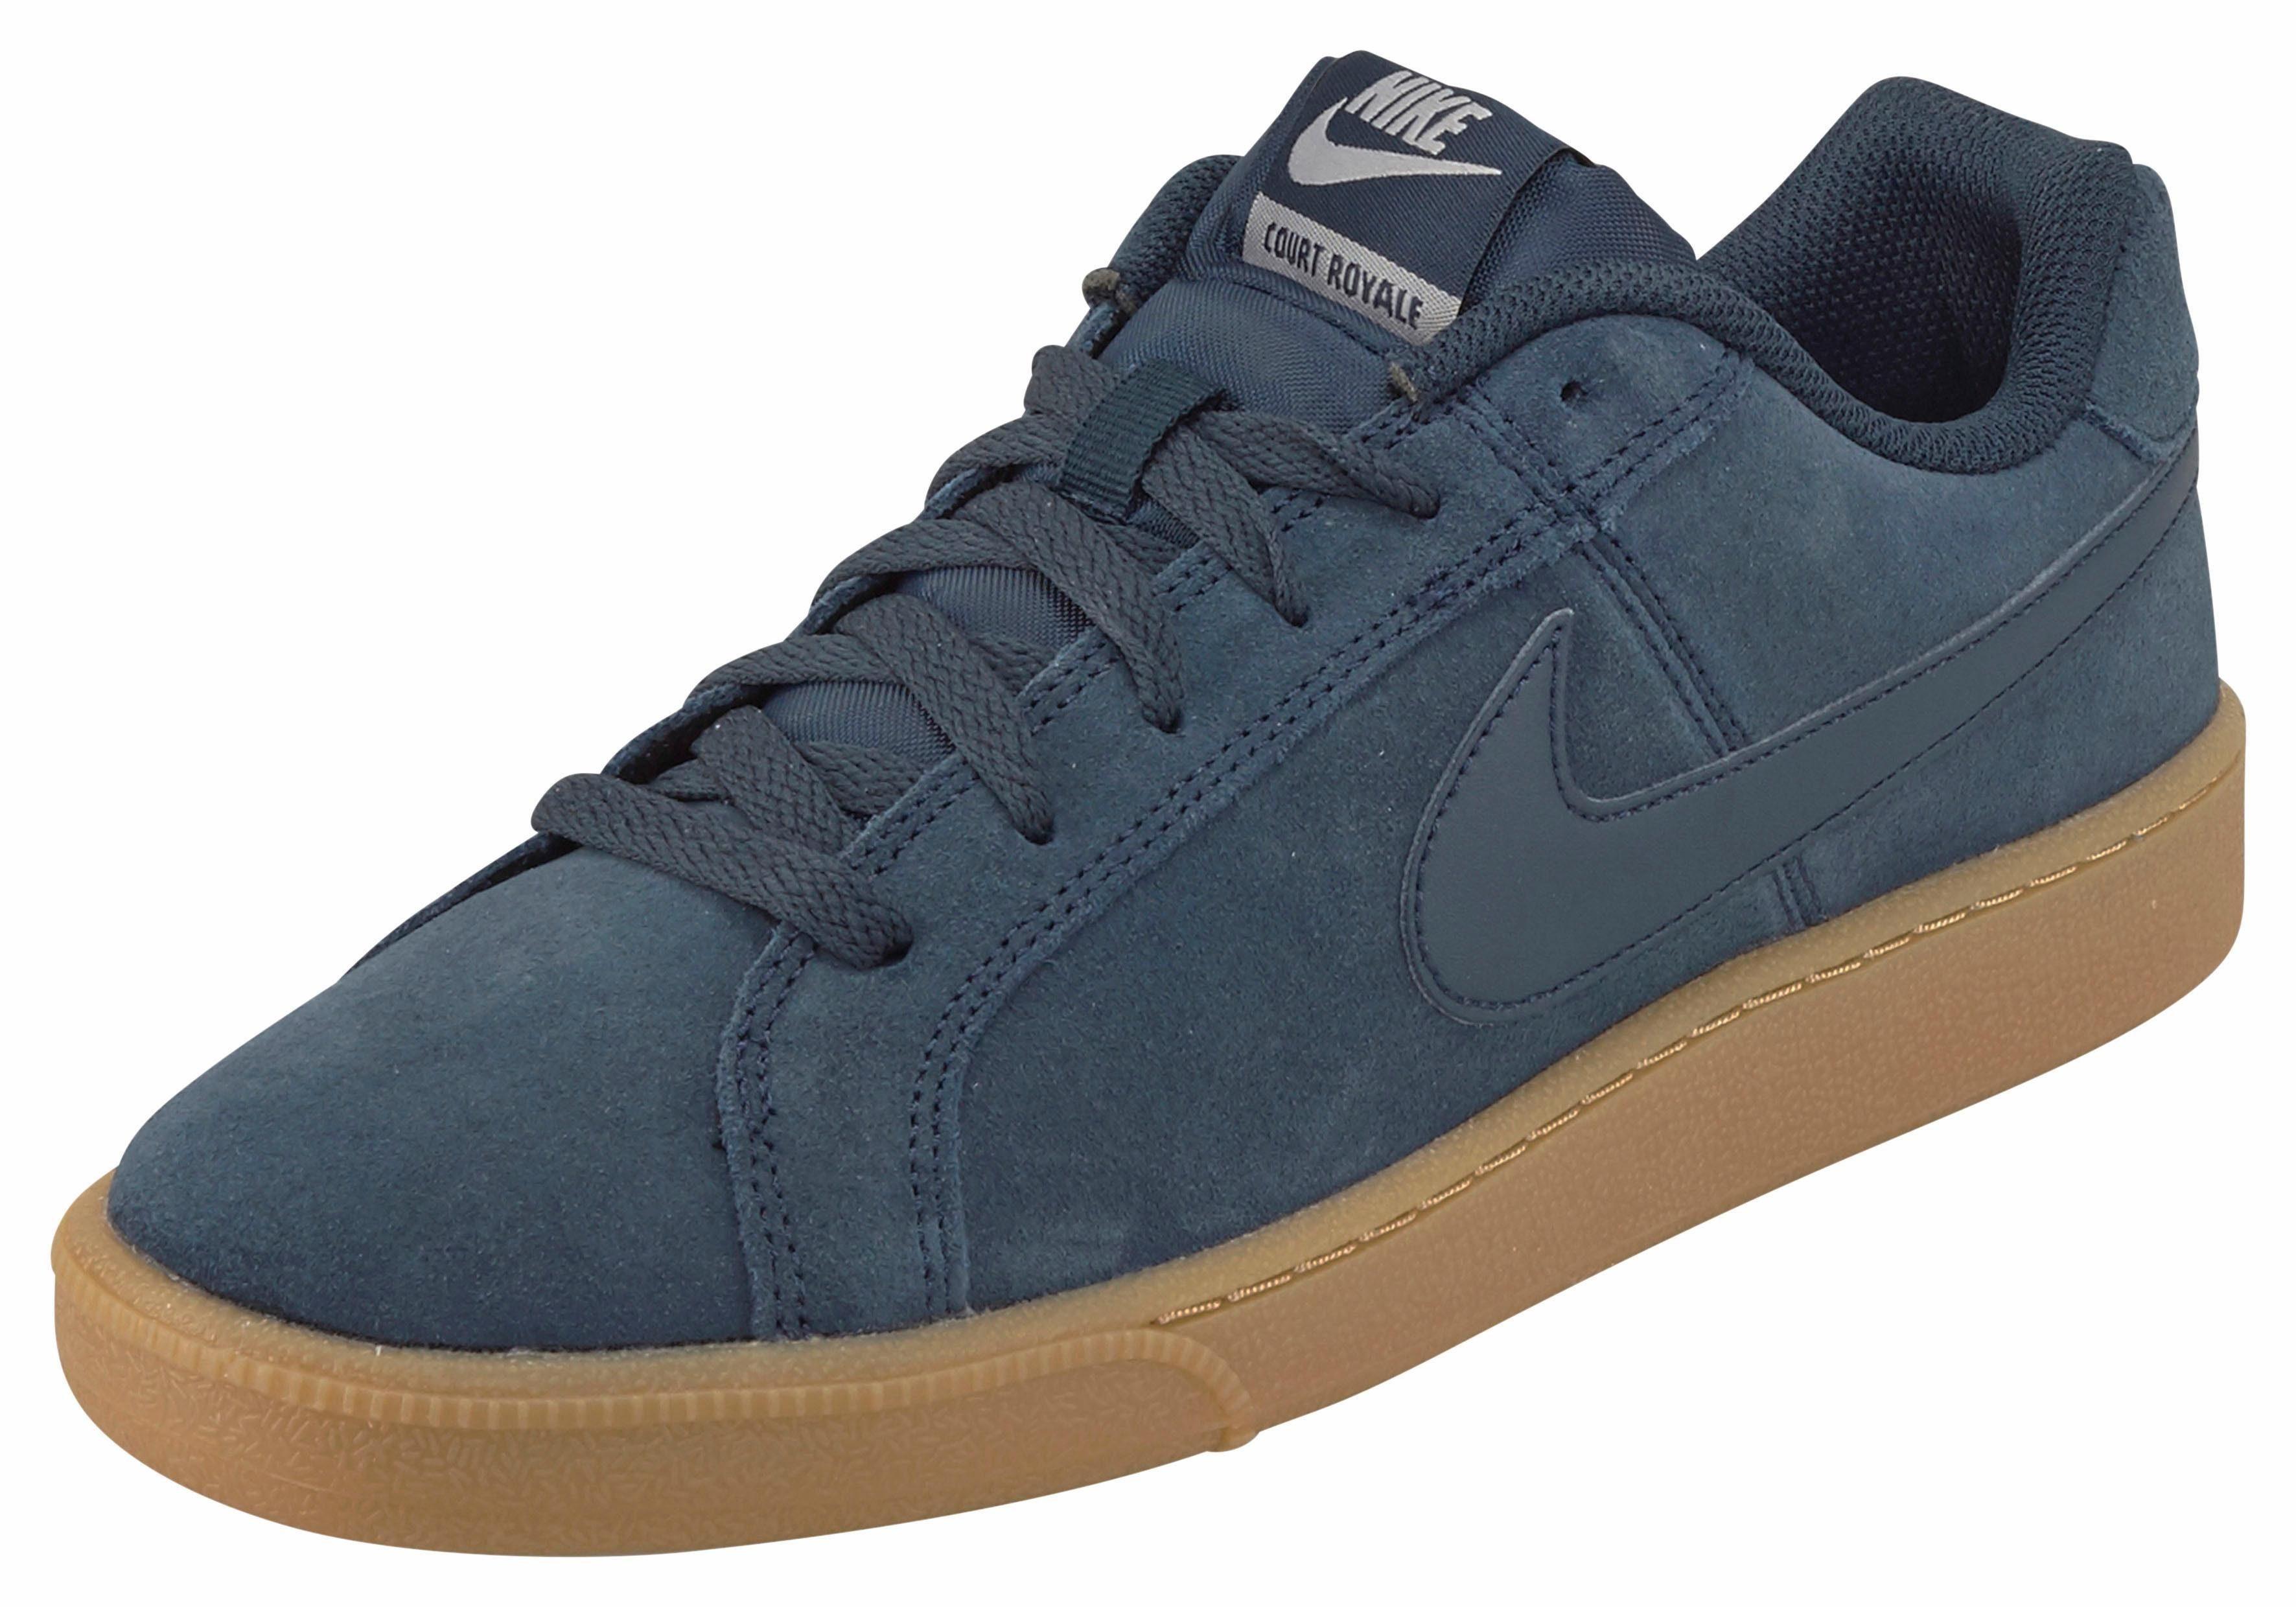 Nike Sportswear COURT ROYALE SUEDE Sneaker  navy